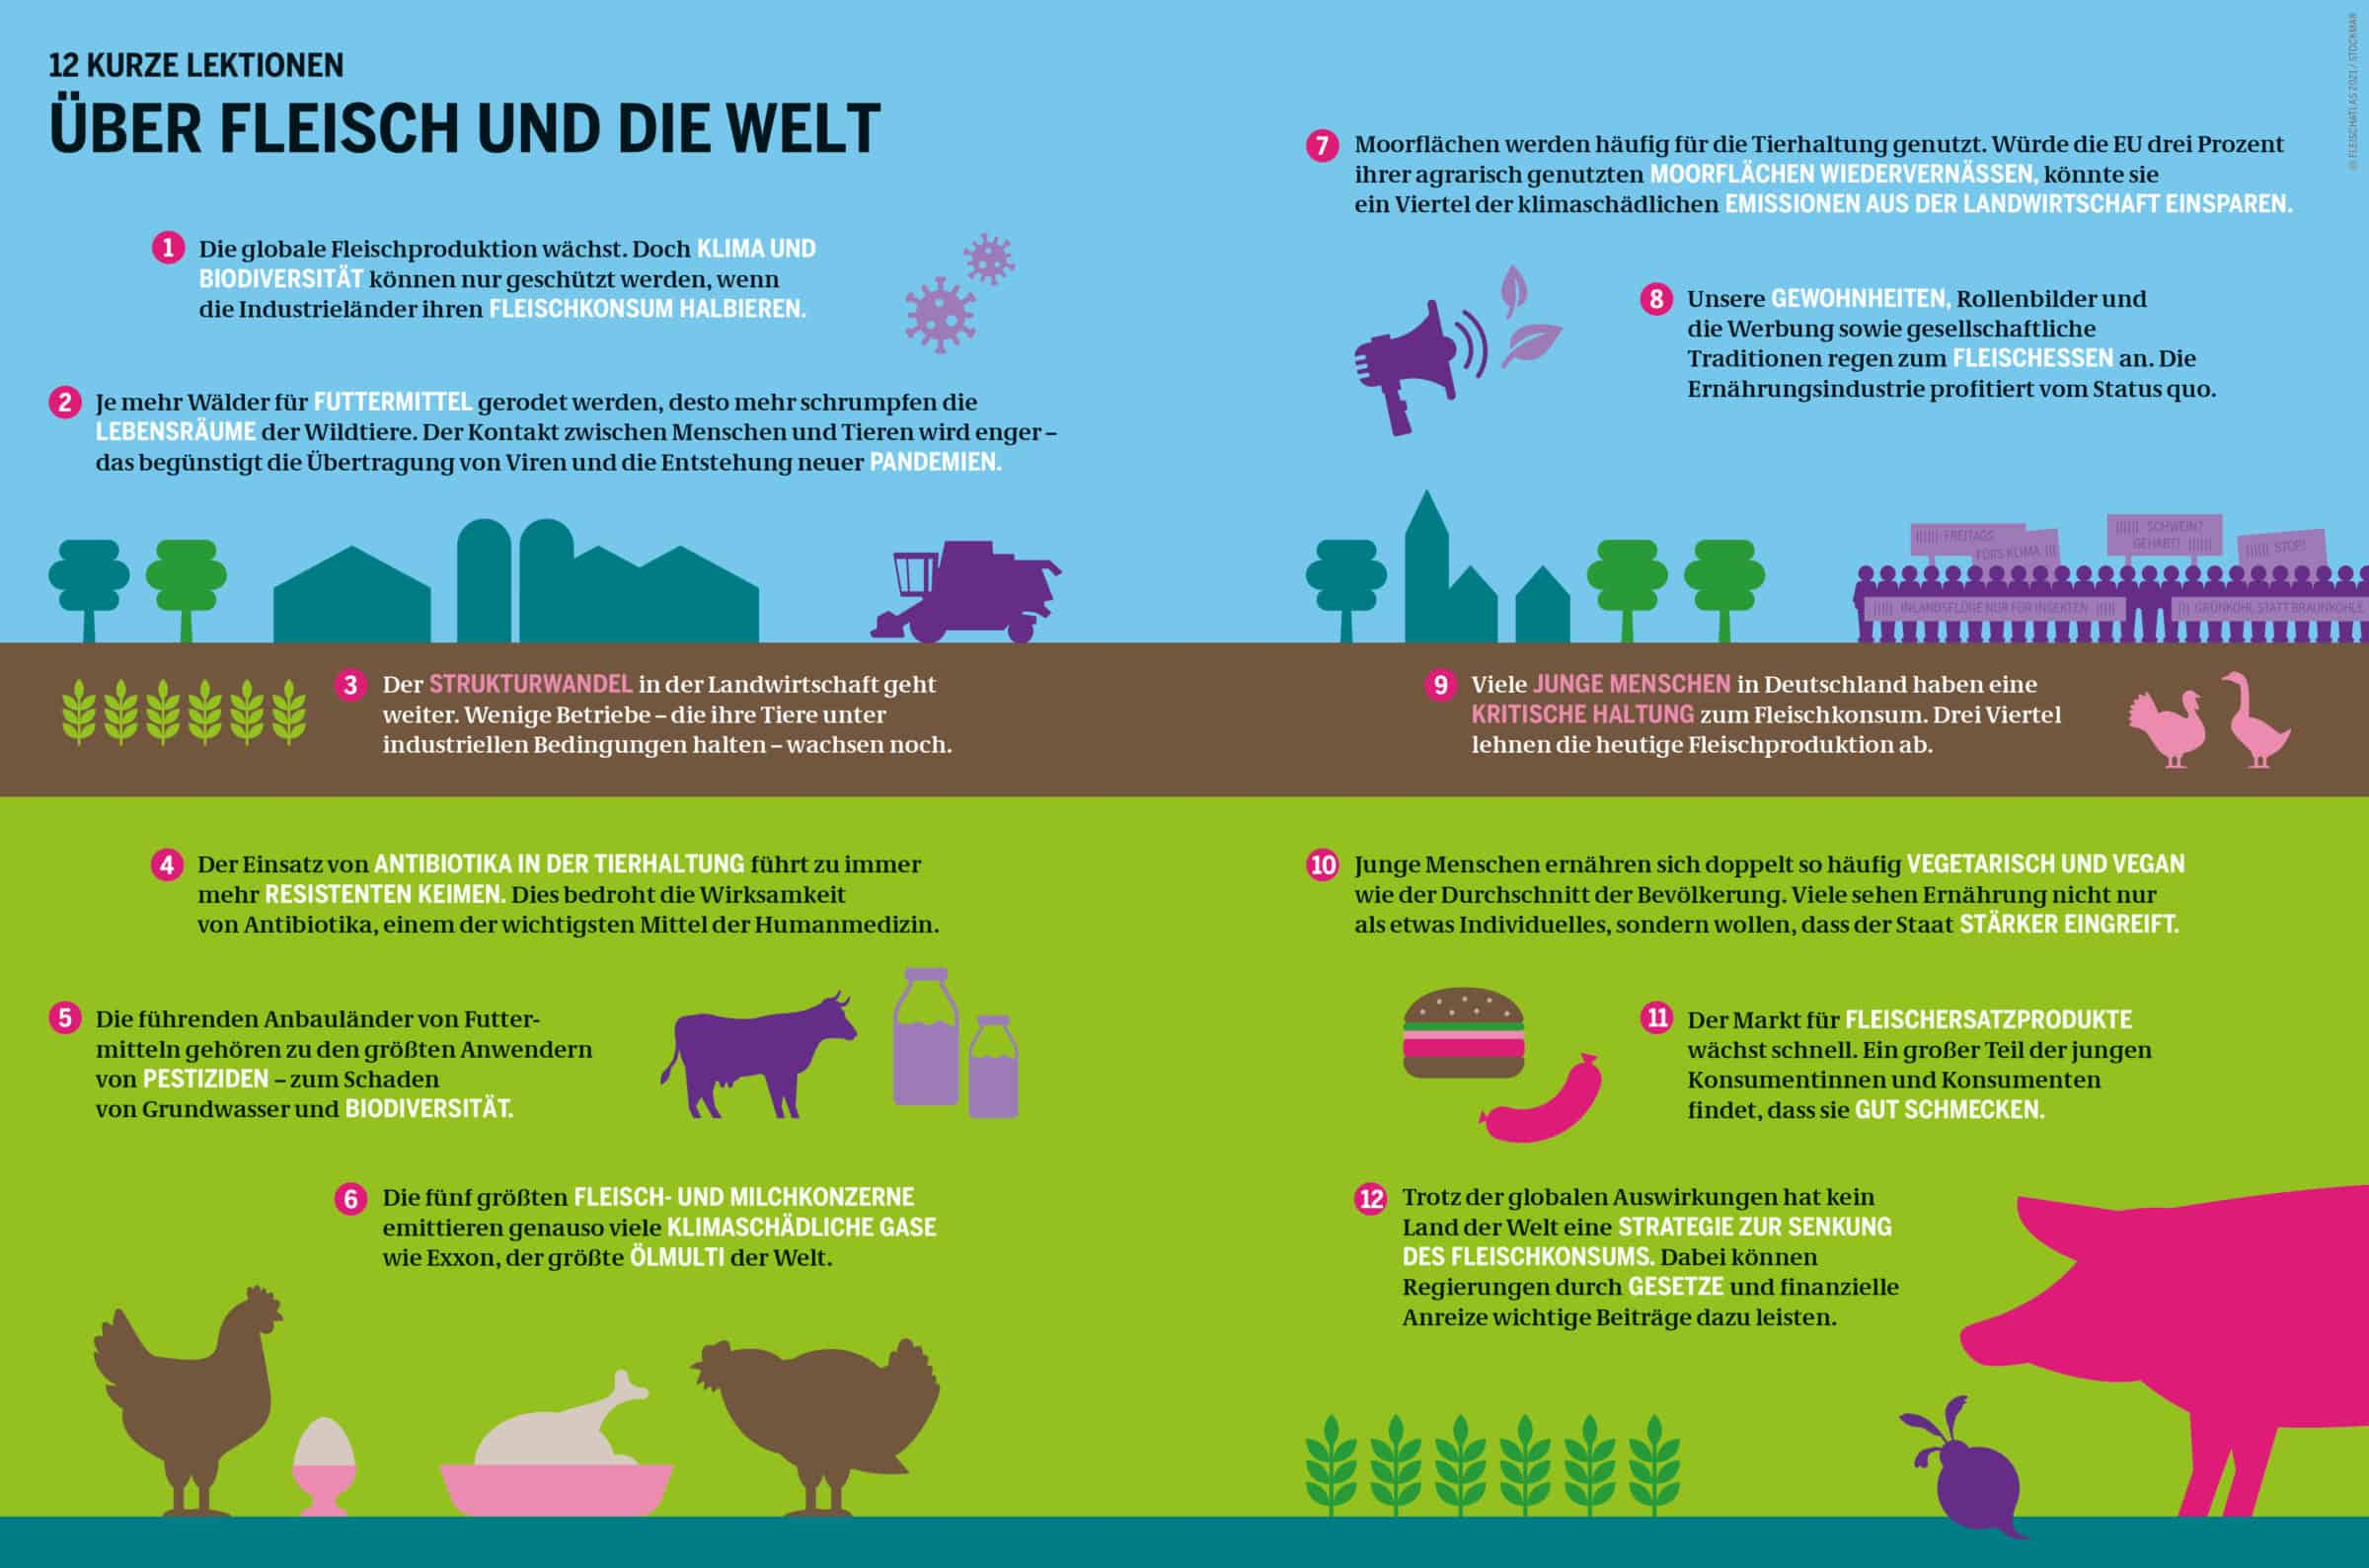 12 kurze Lektionen über Fleisch und die Welt Grafik: Fleischatlas 2021 | Bartz/Stockmar CC-BY-4.0